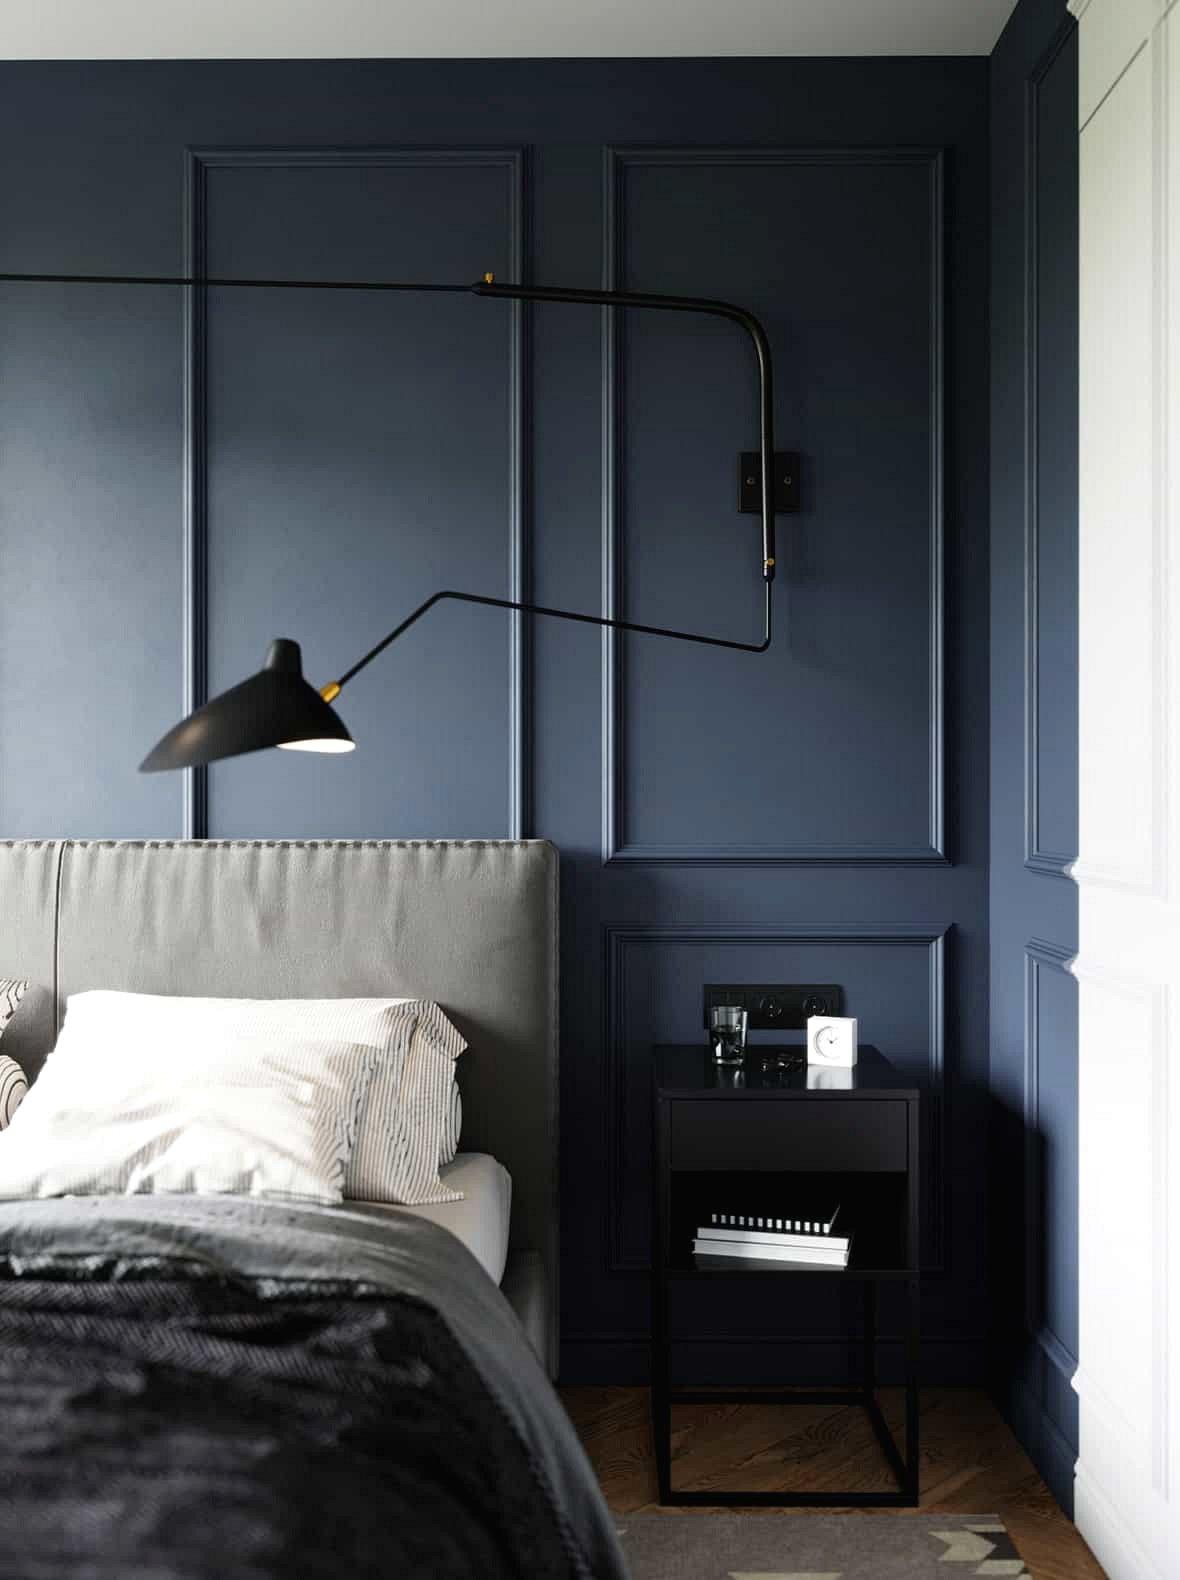 Đèn tường xoay tay cung cấp ánh sáng điều chỉnh giúp chủ nhân đọc sách trước khi ngủ, bên cạnh là một tủ nhỏ đựng đồ.